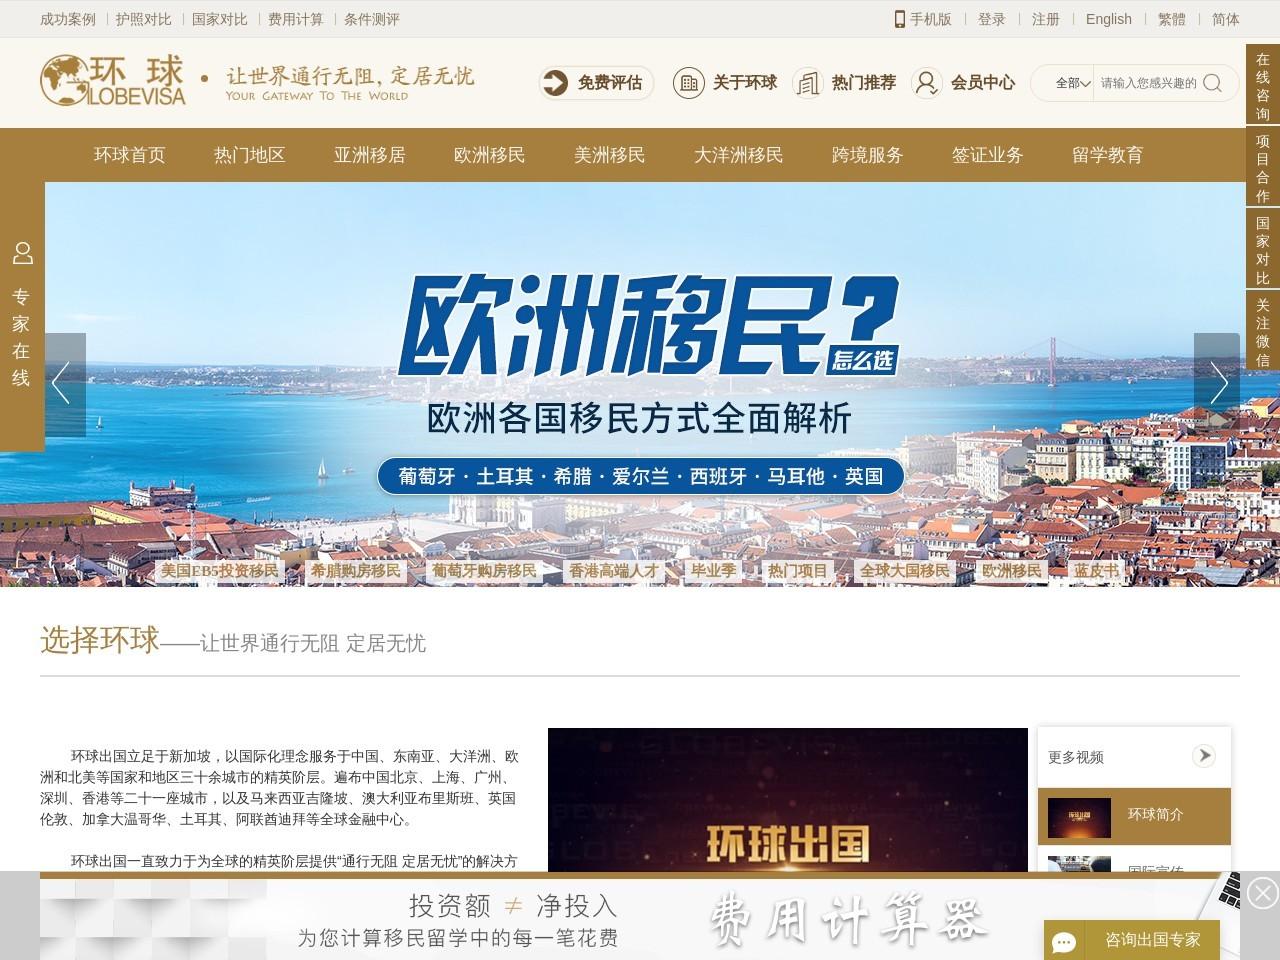 环球投资移民官方网站截图